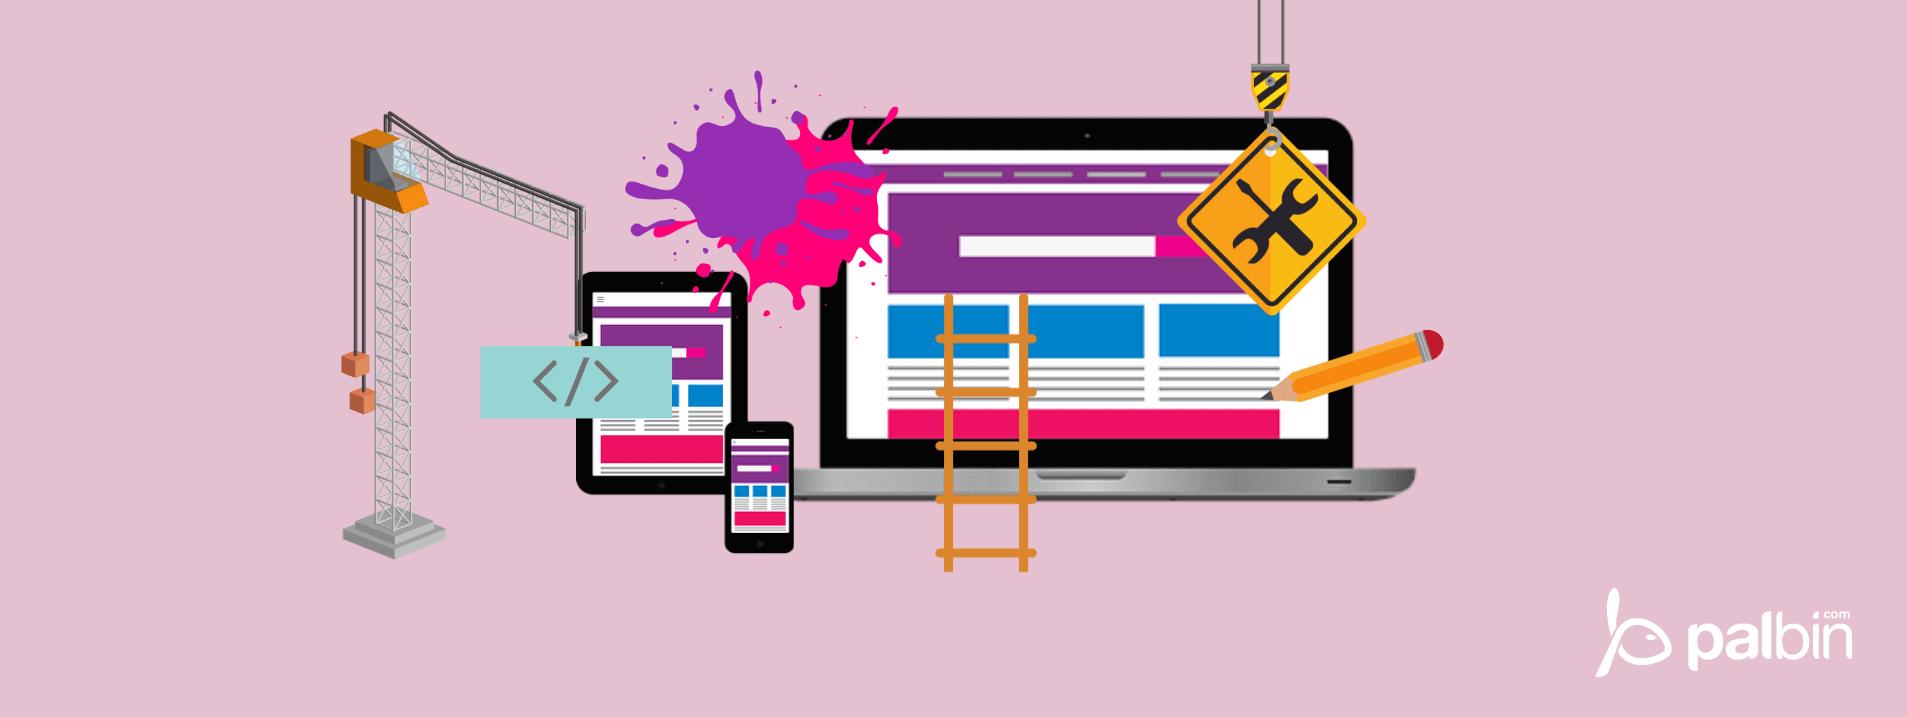 Últimas tendencias en diseño web